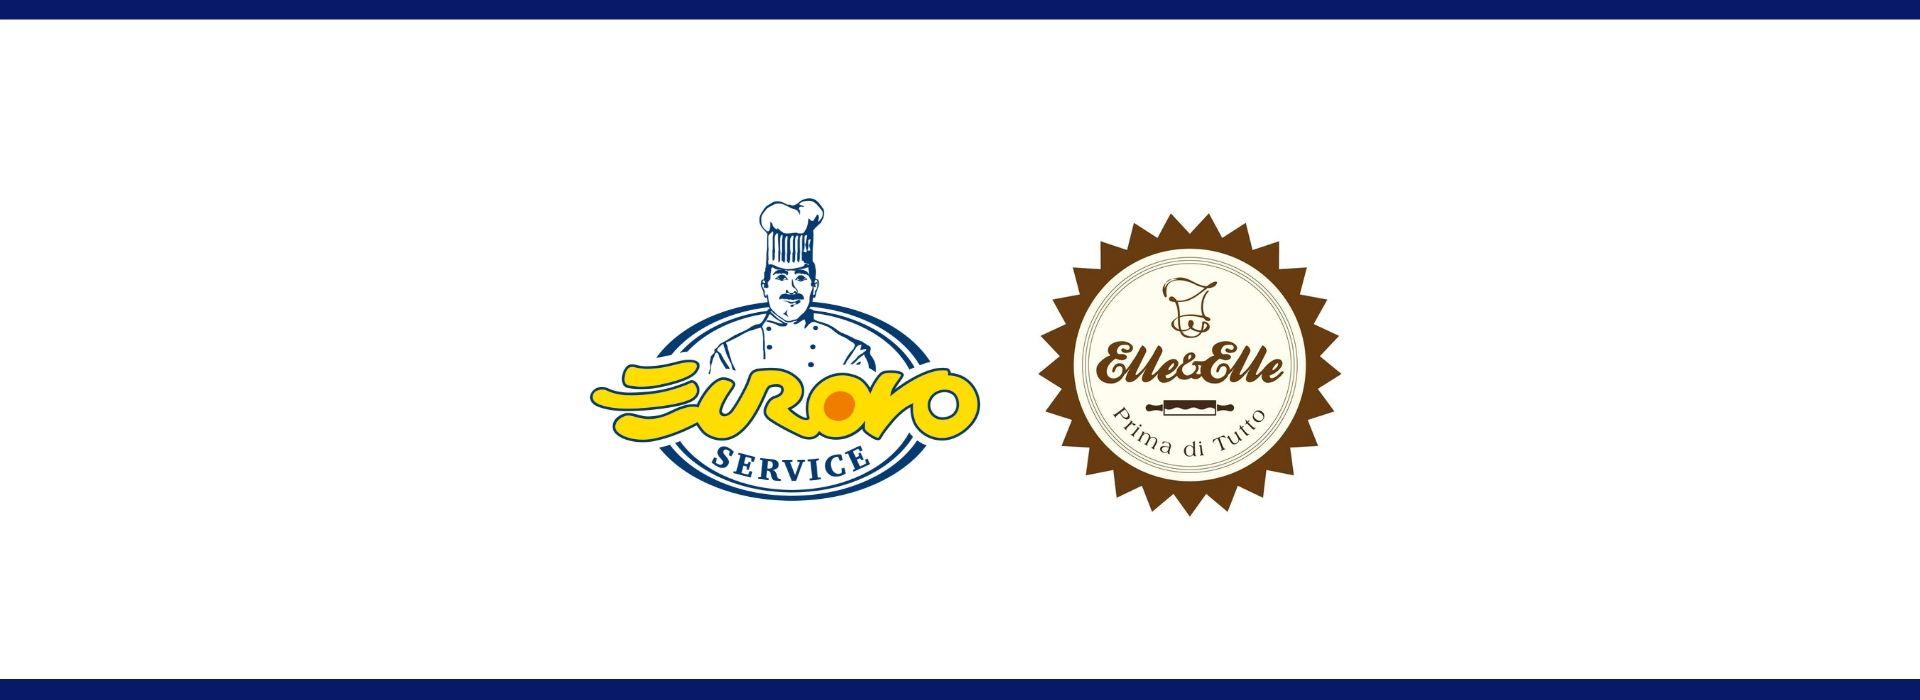 Eurovo Service e Elle&Elle: specialisti in eccellenza e qualità